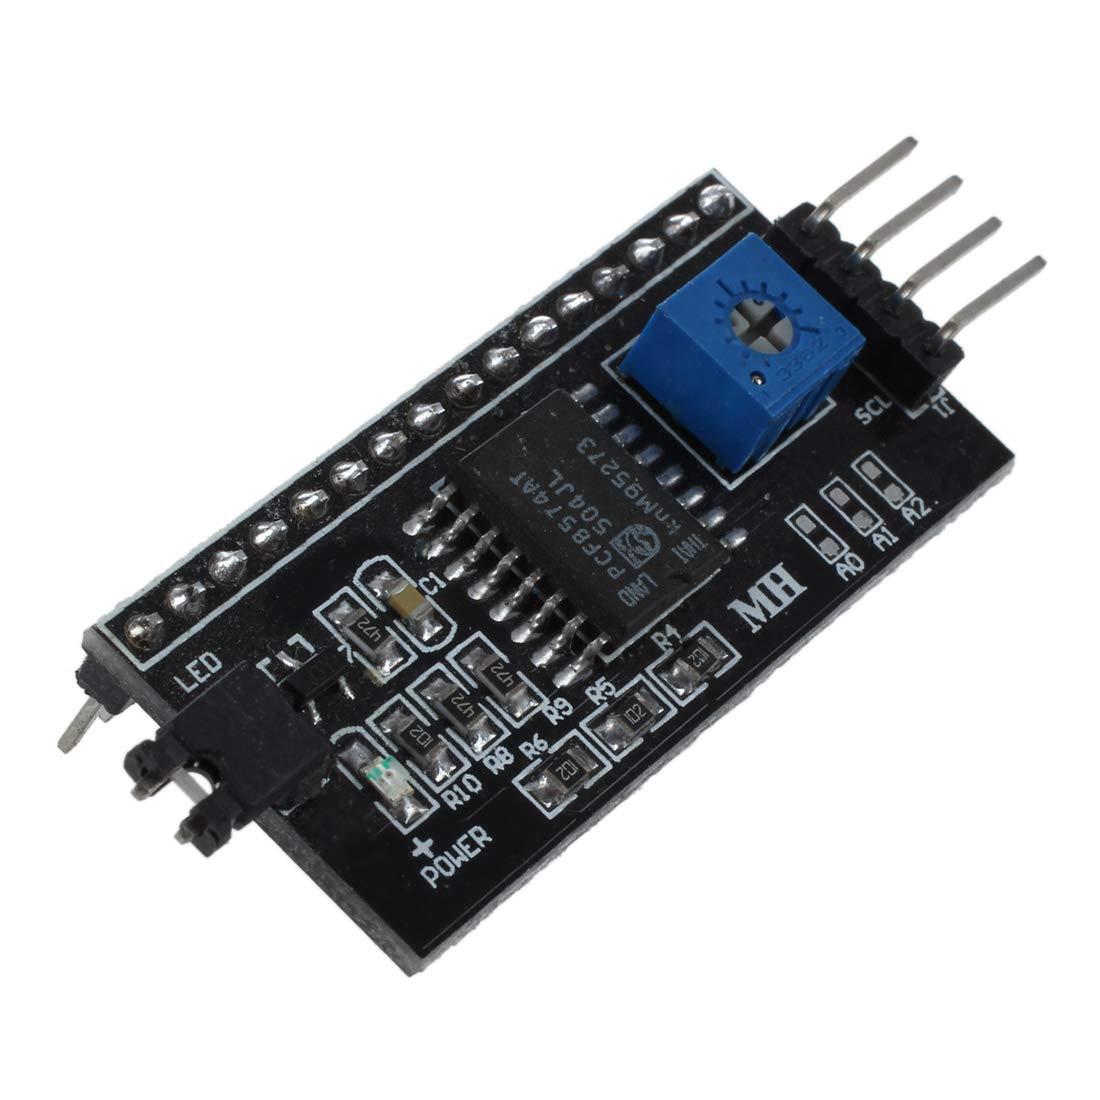 REFURBISHHOUSE IIC I2C TWI SPI seriellen Schnittstellenplatine Modulport fuer Arduino LCD1602 Anzeige